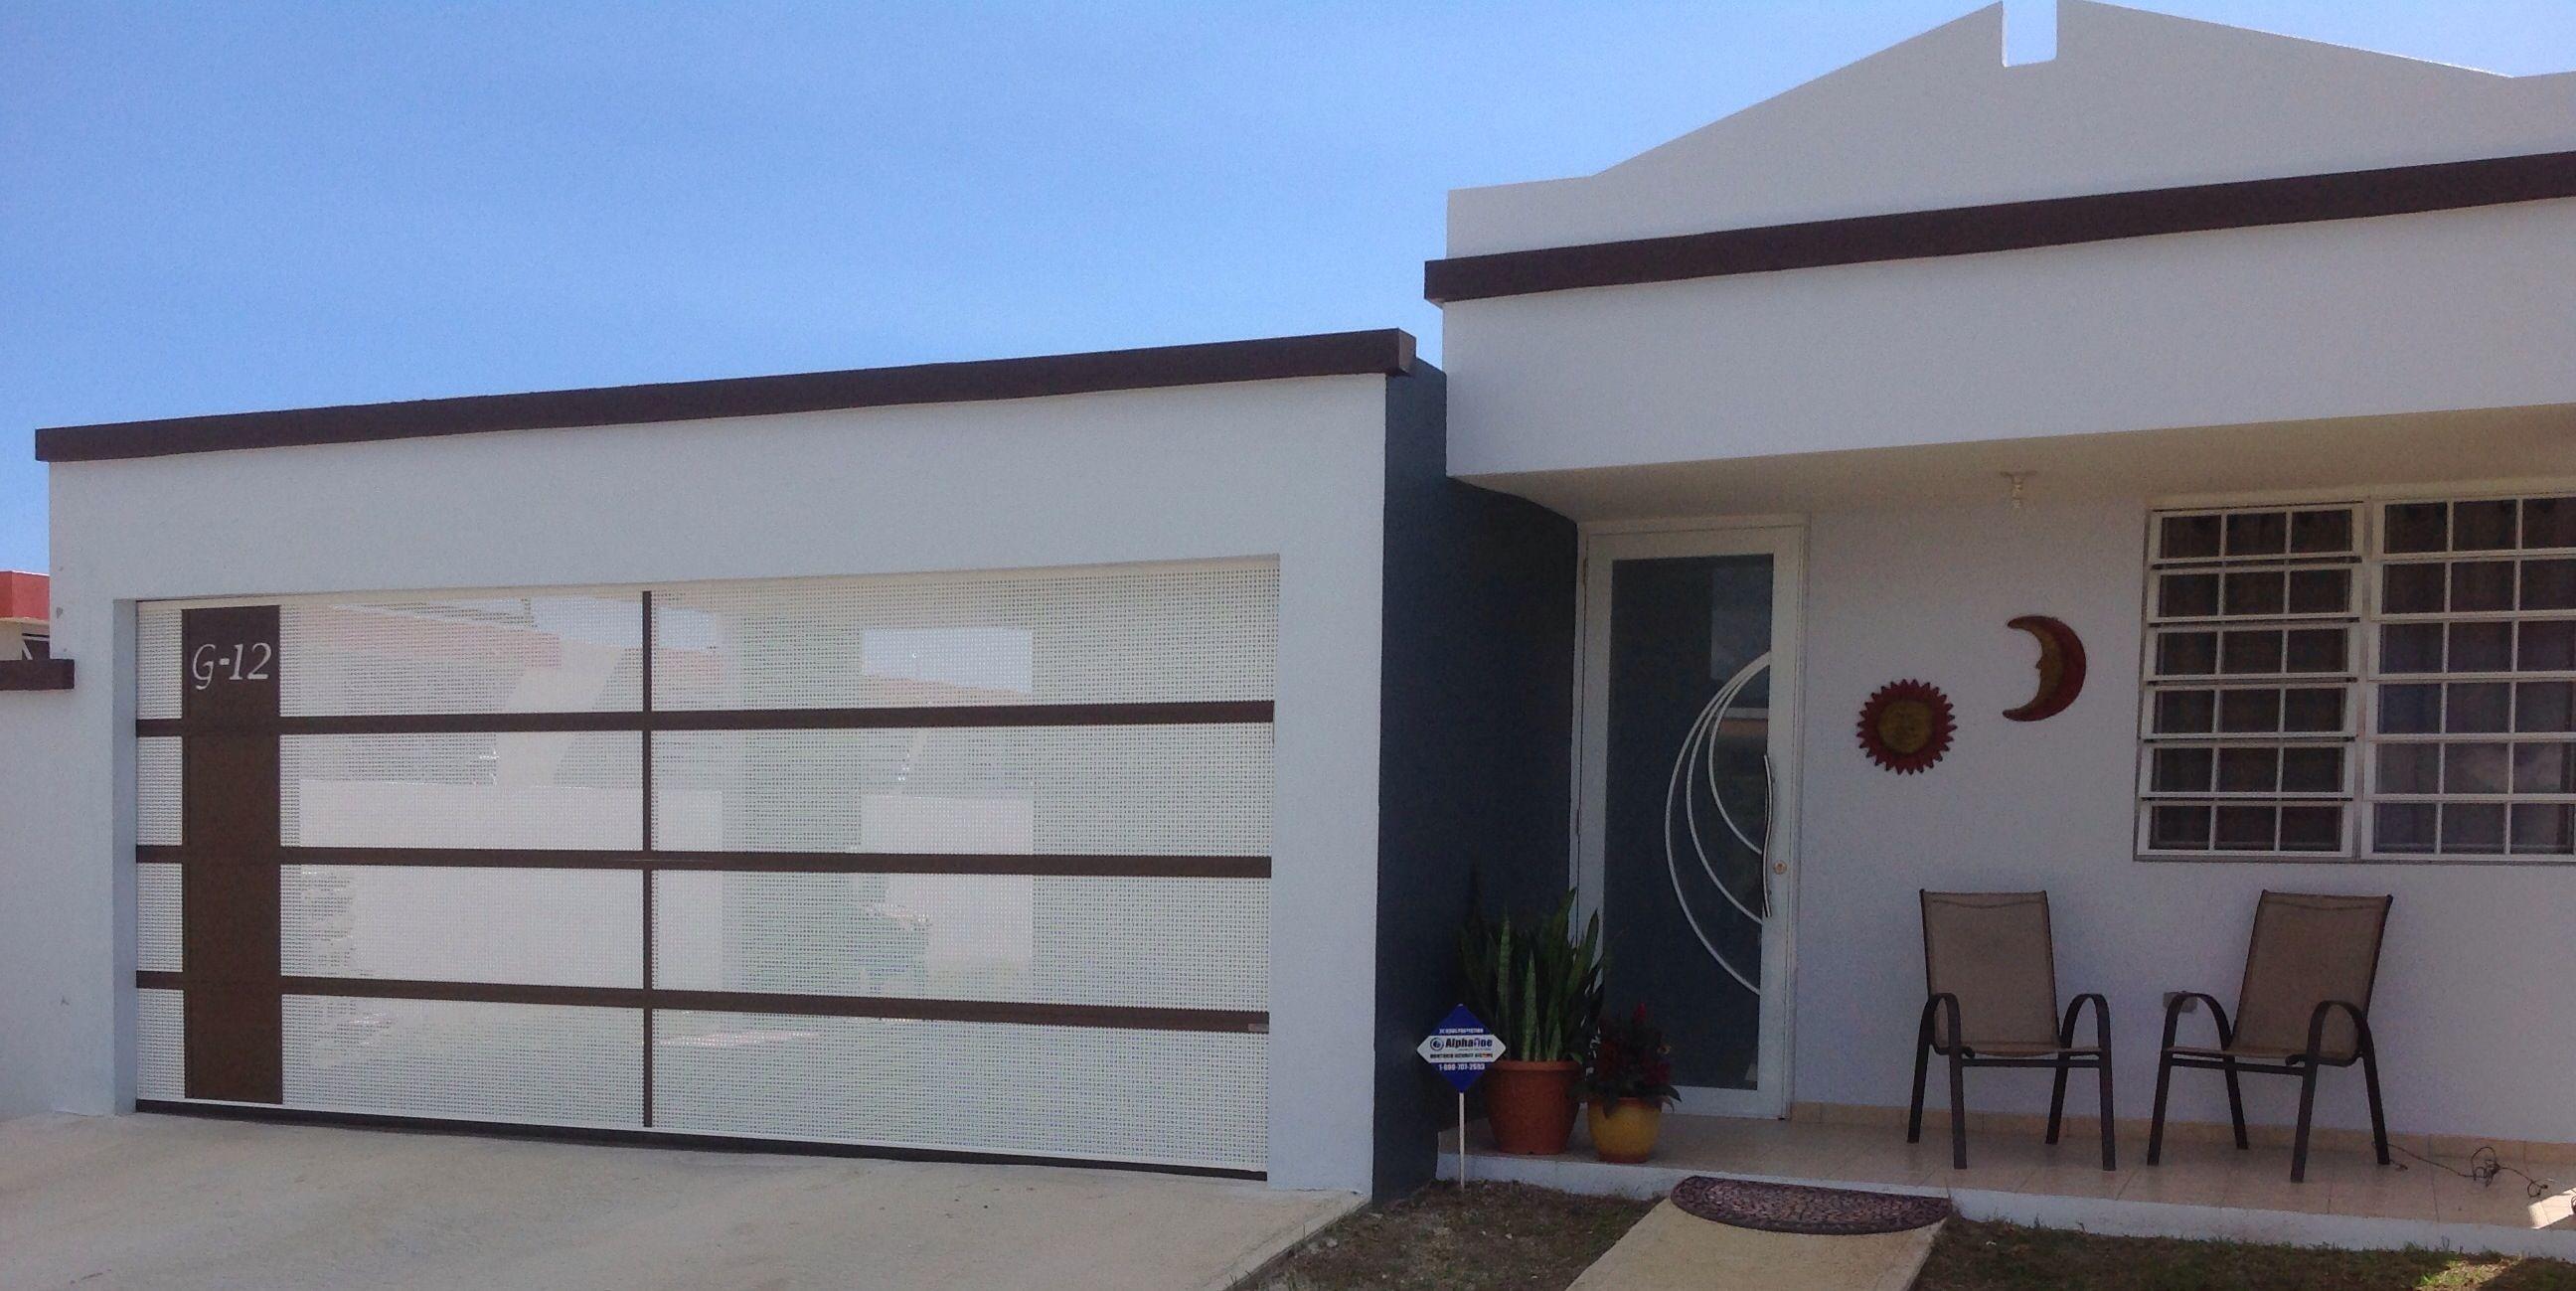 Puerta de garaje perforada dise ada al gusto del cliente - Puertas de cochera ...